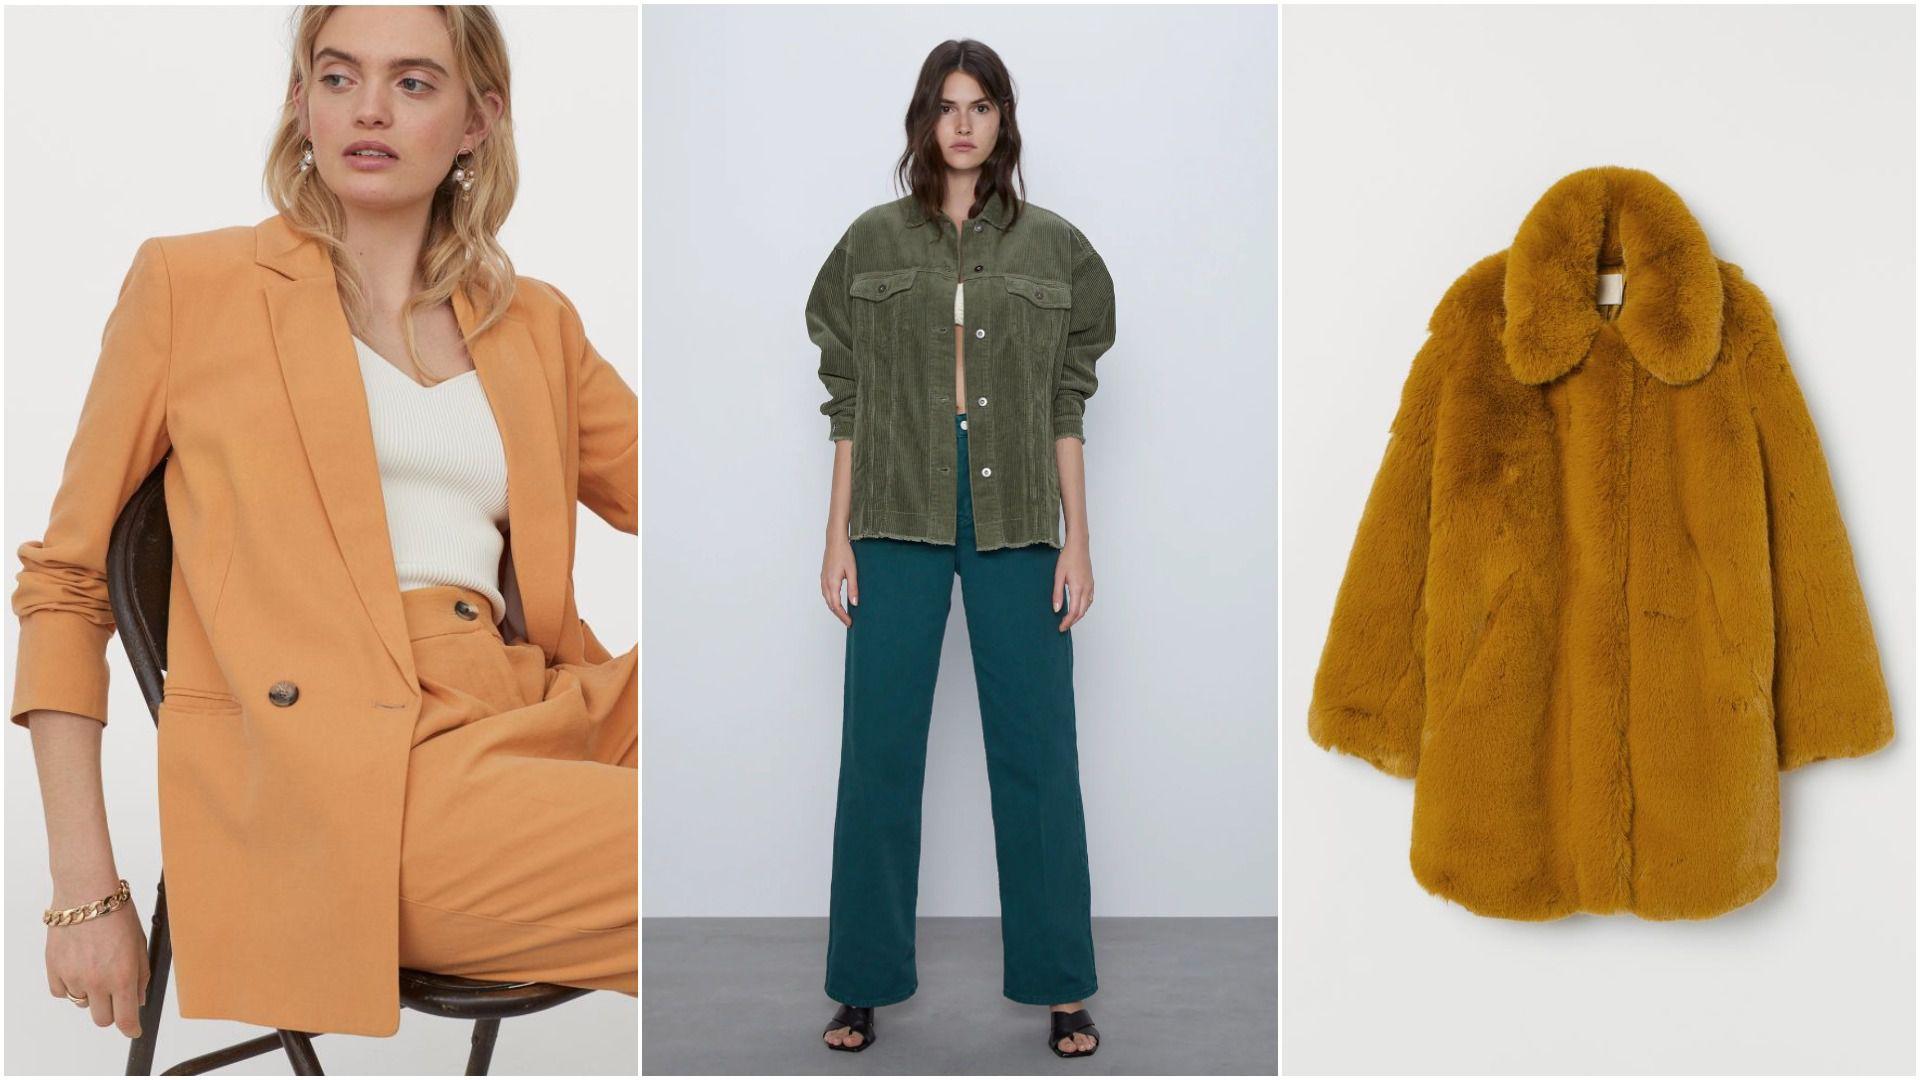 Iskoristite zadnje dane sniženja: Sakoi i jakne od 49 kn koje možete kupiti sada, a nositi na jesen i zimu